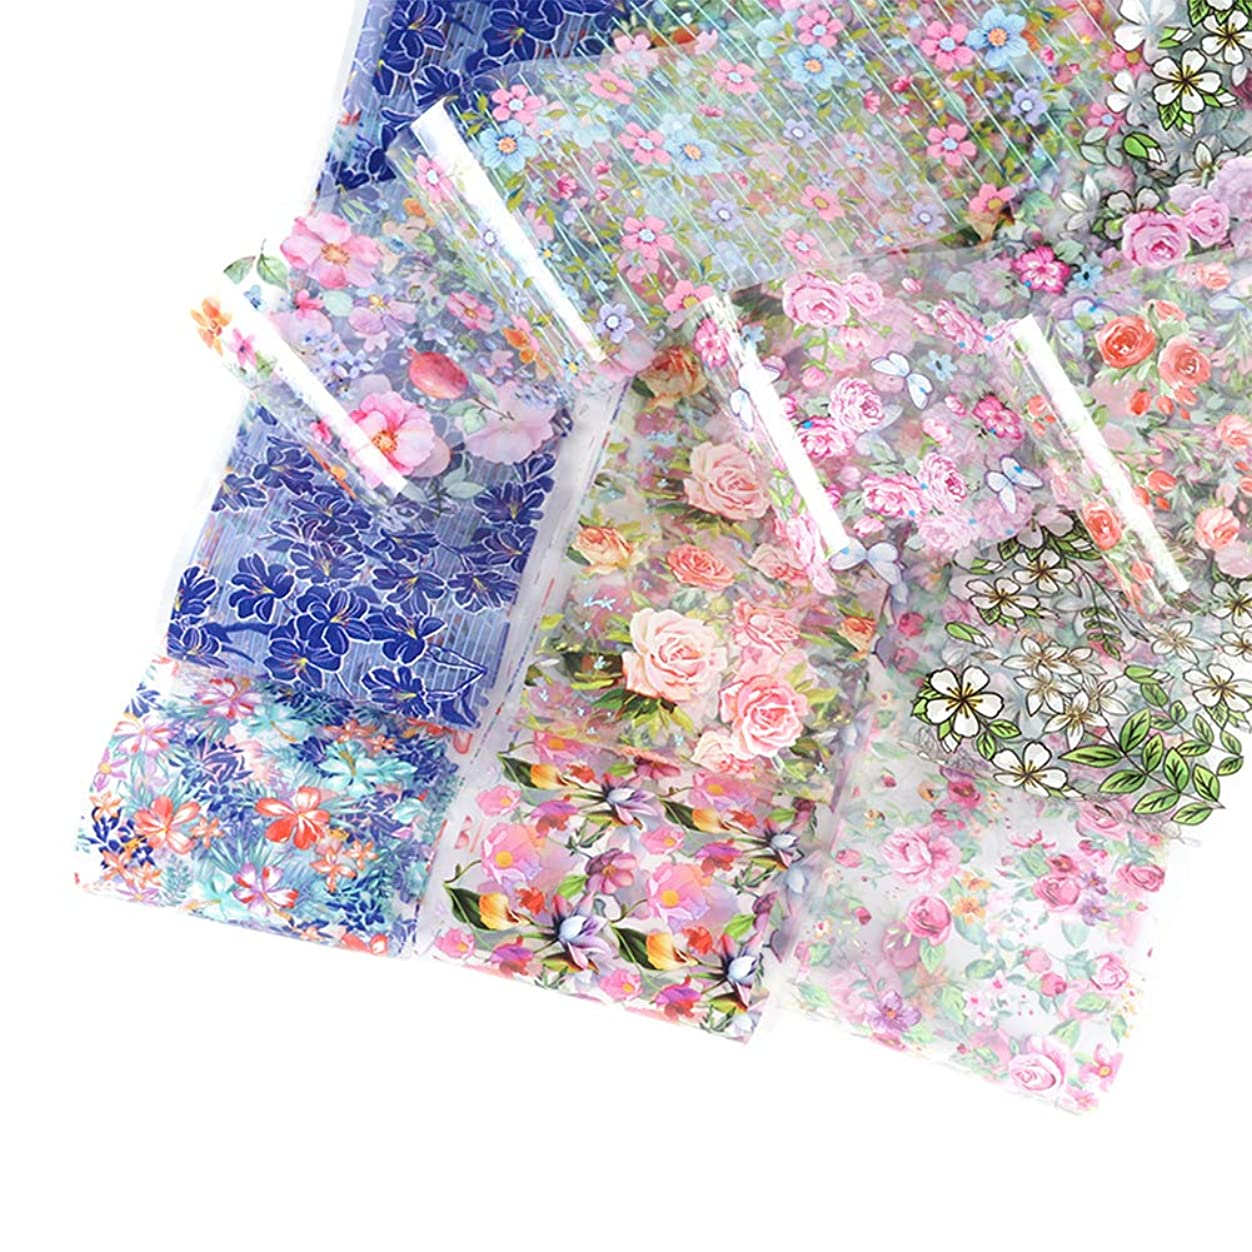 スカリーあなたが良くなりますおLITI ネイルシール 花柄ネイルホイル 水彩の花 星空ネイル シェル 綺麗な夏 転写ホイル 箔紙 シェルプリント 極薄フィルム 3D デザイン ネイル転印シール ネイルステッカー